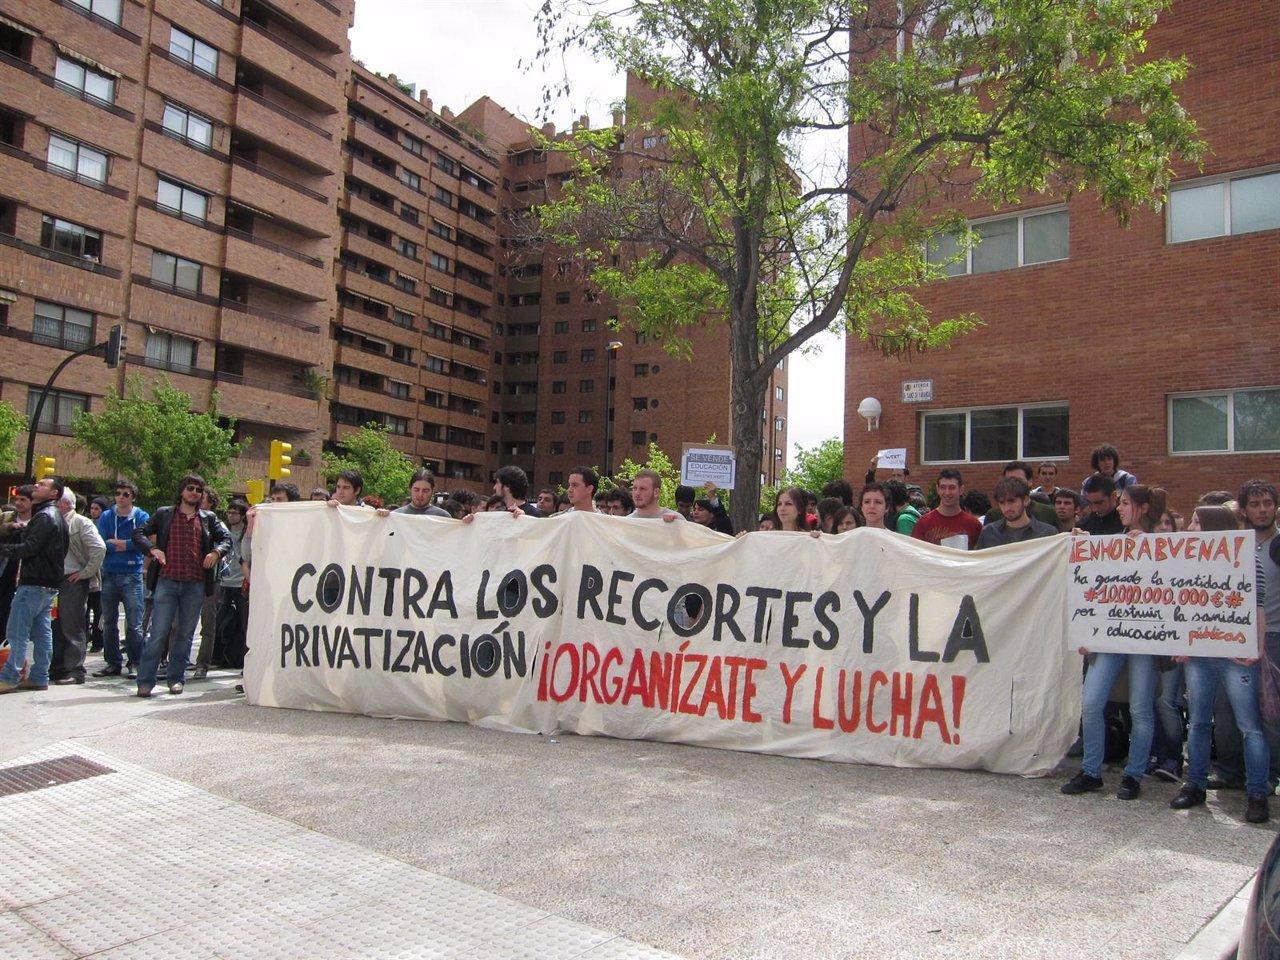 Un Grupo De Universitarios Protesta Contra Los Recortes En Educación En Zaragoza